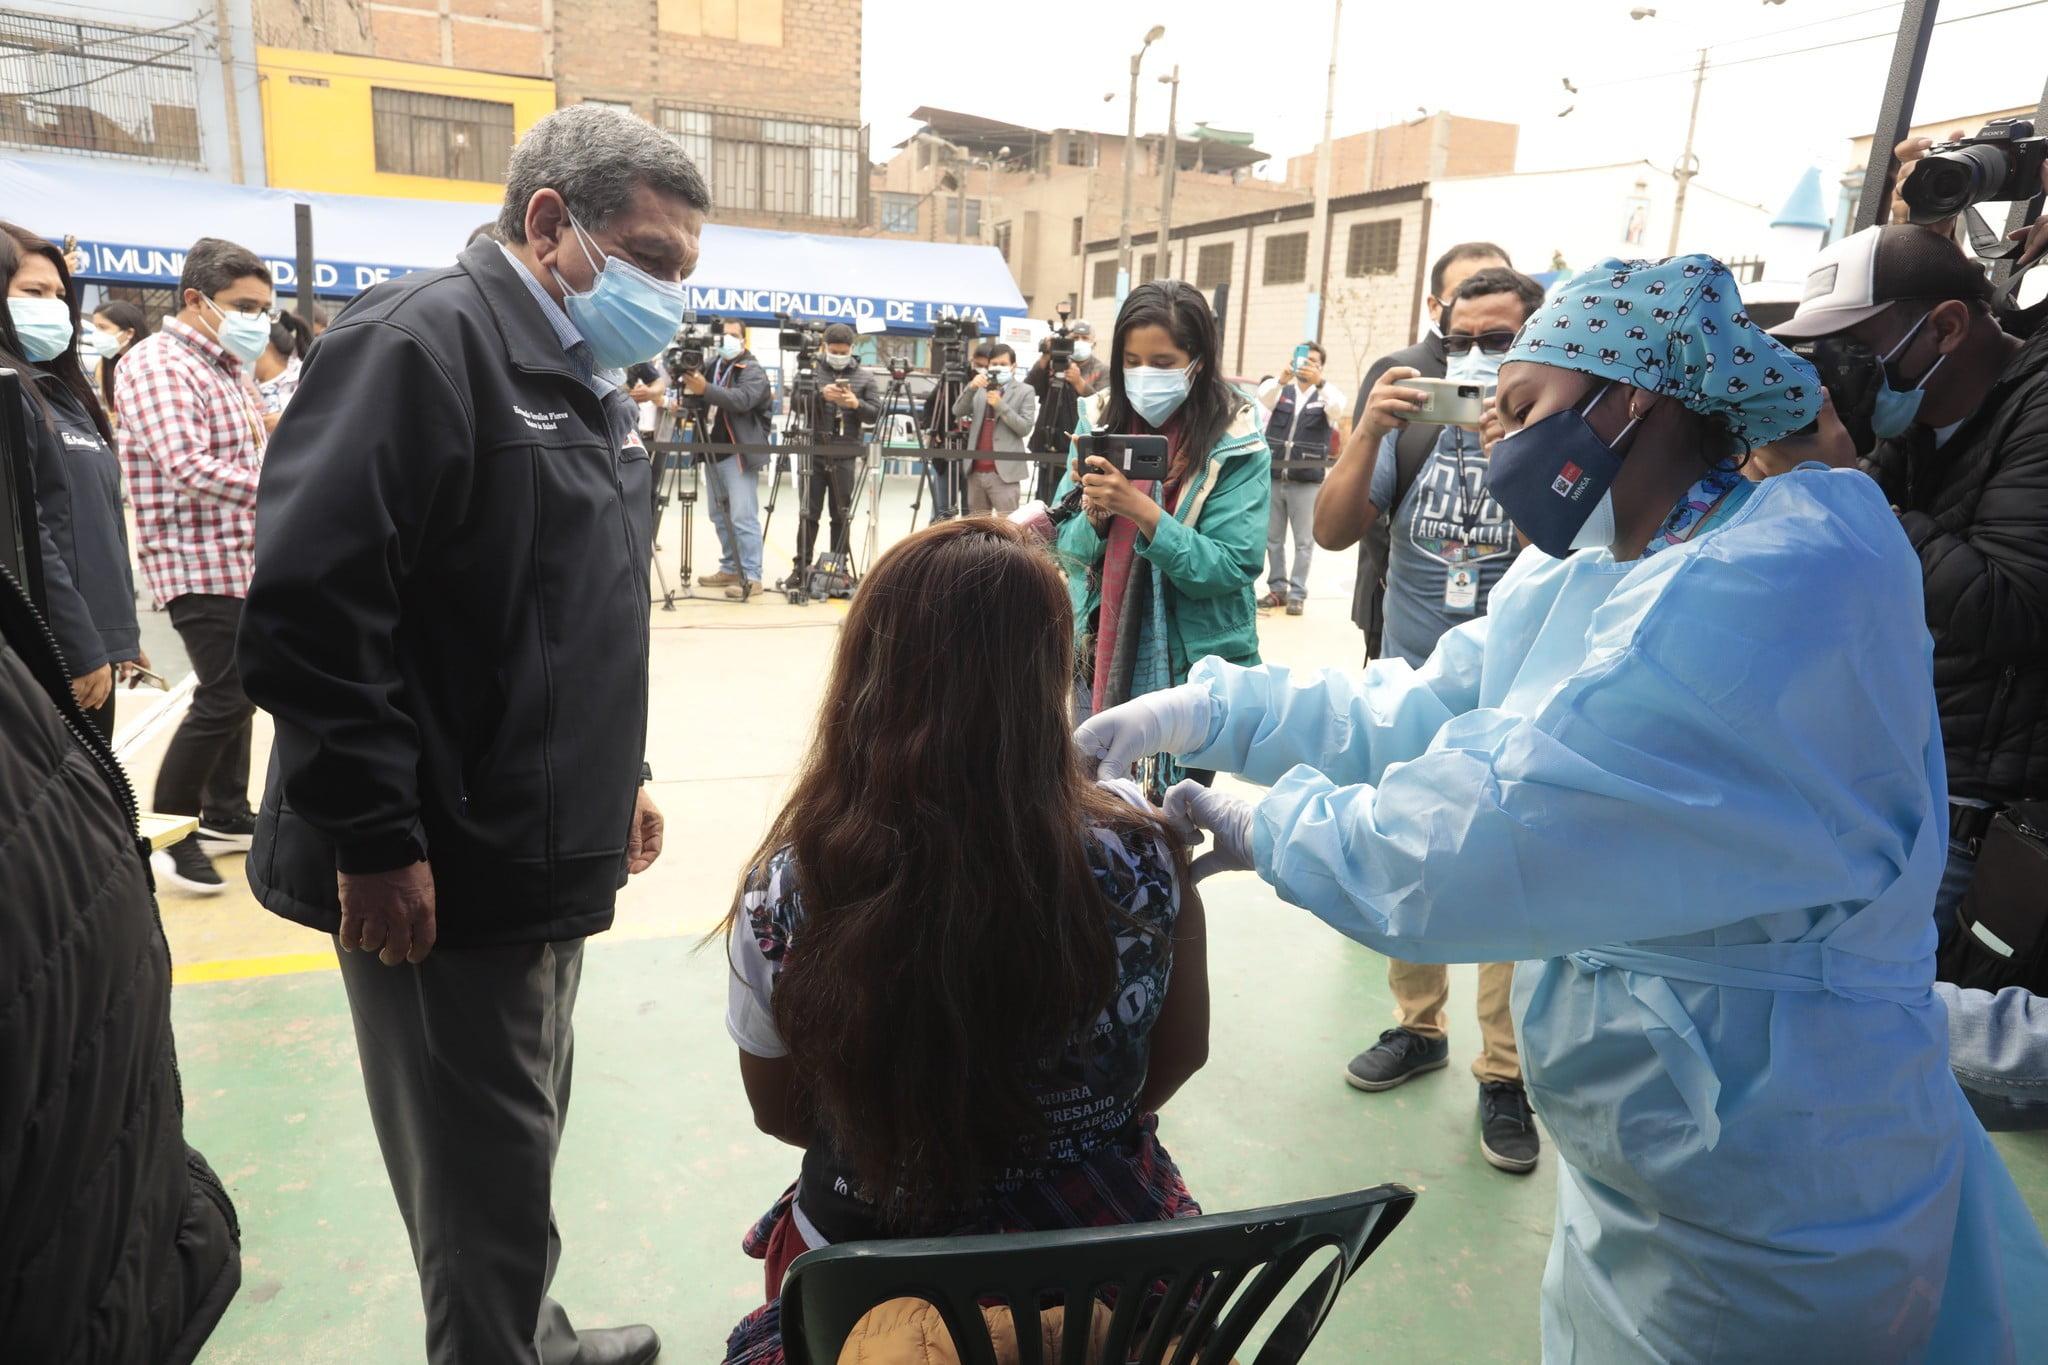 Vacunación a jóvenes de 18 a 20 años con AstraZeneca: Revisa aquí la programación y vacunatorios